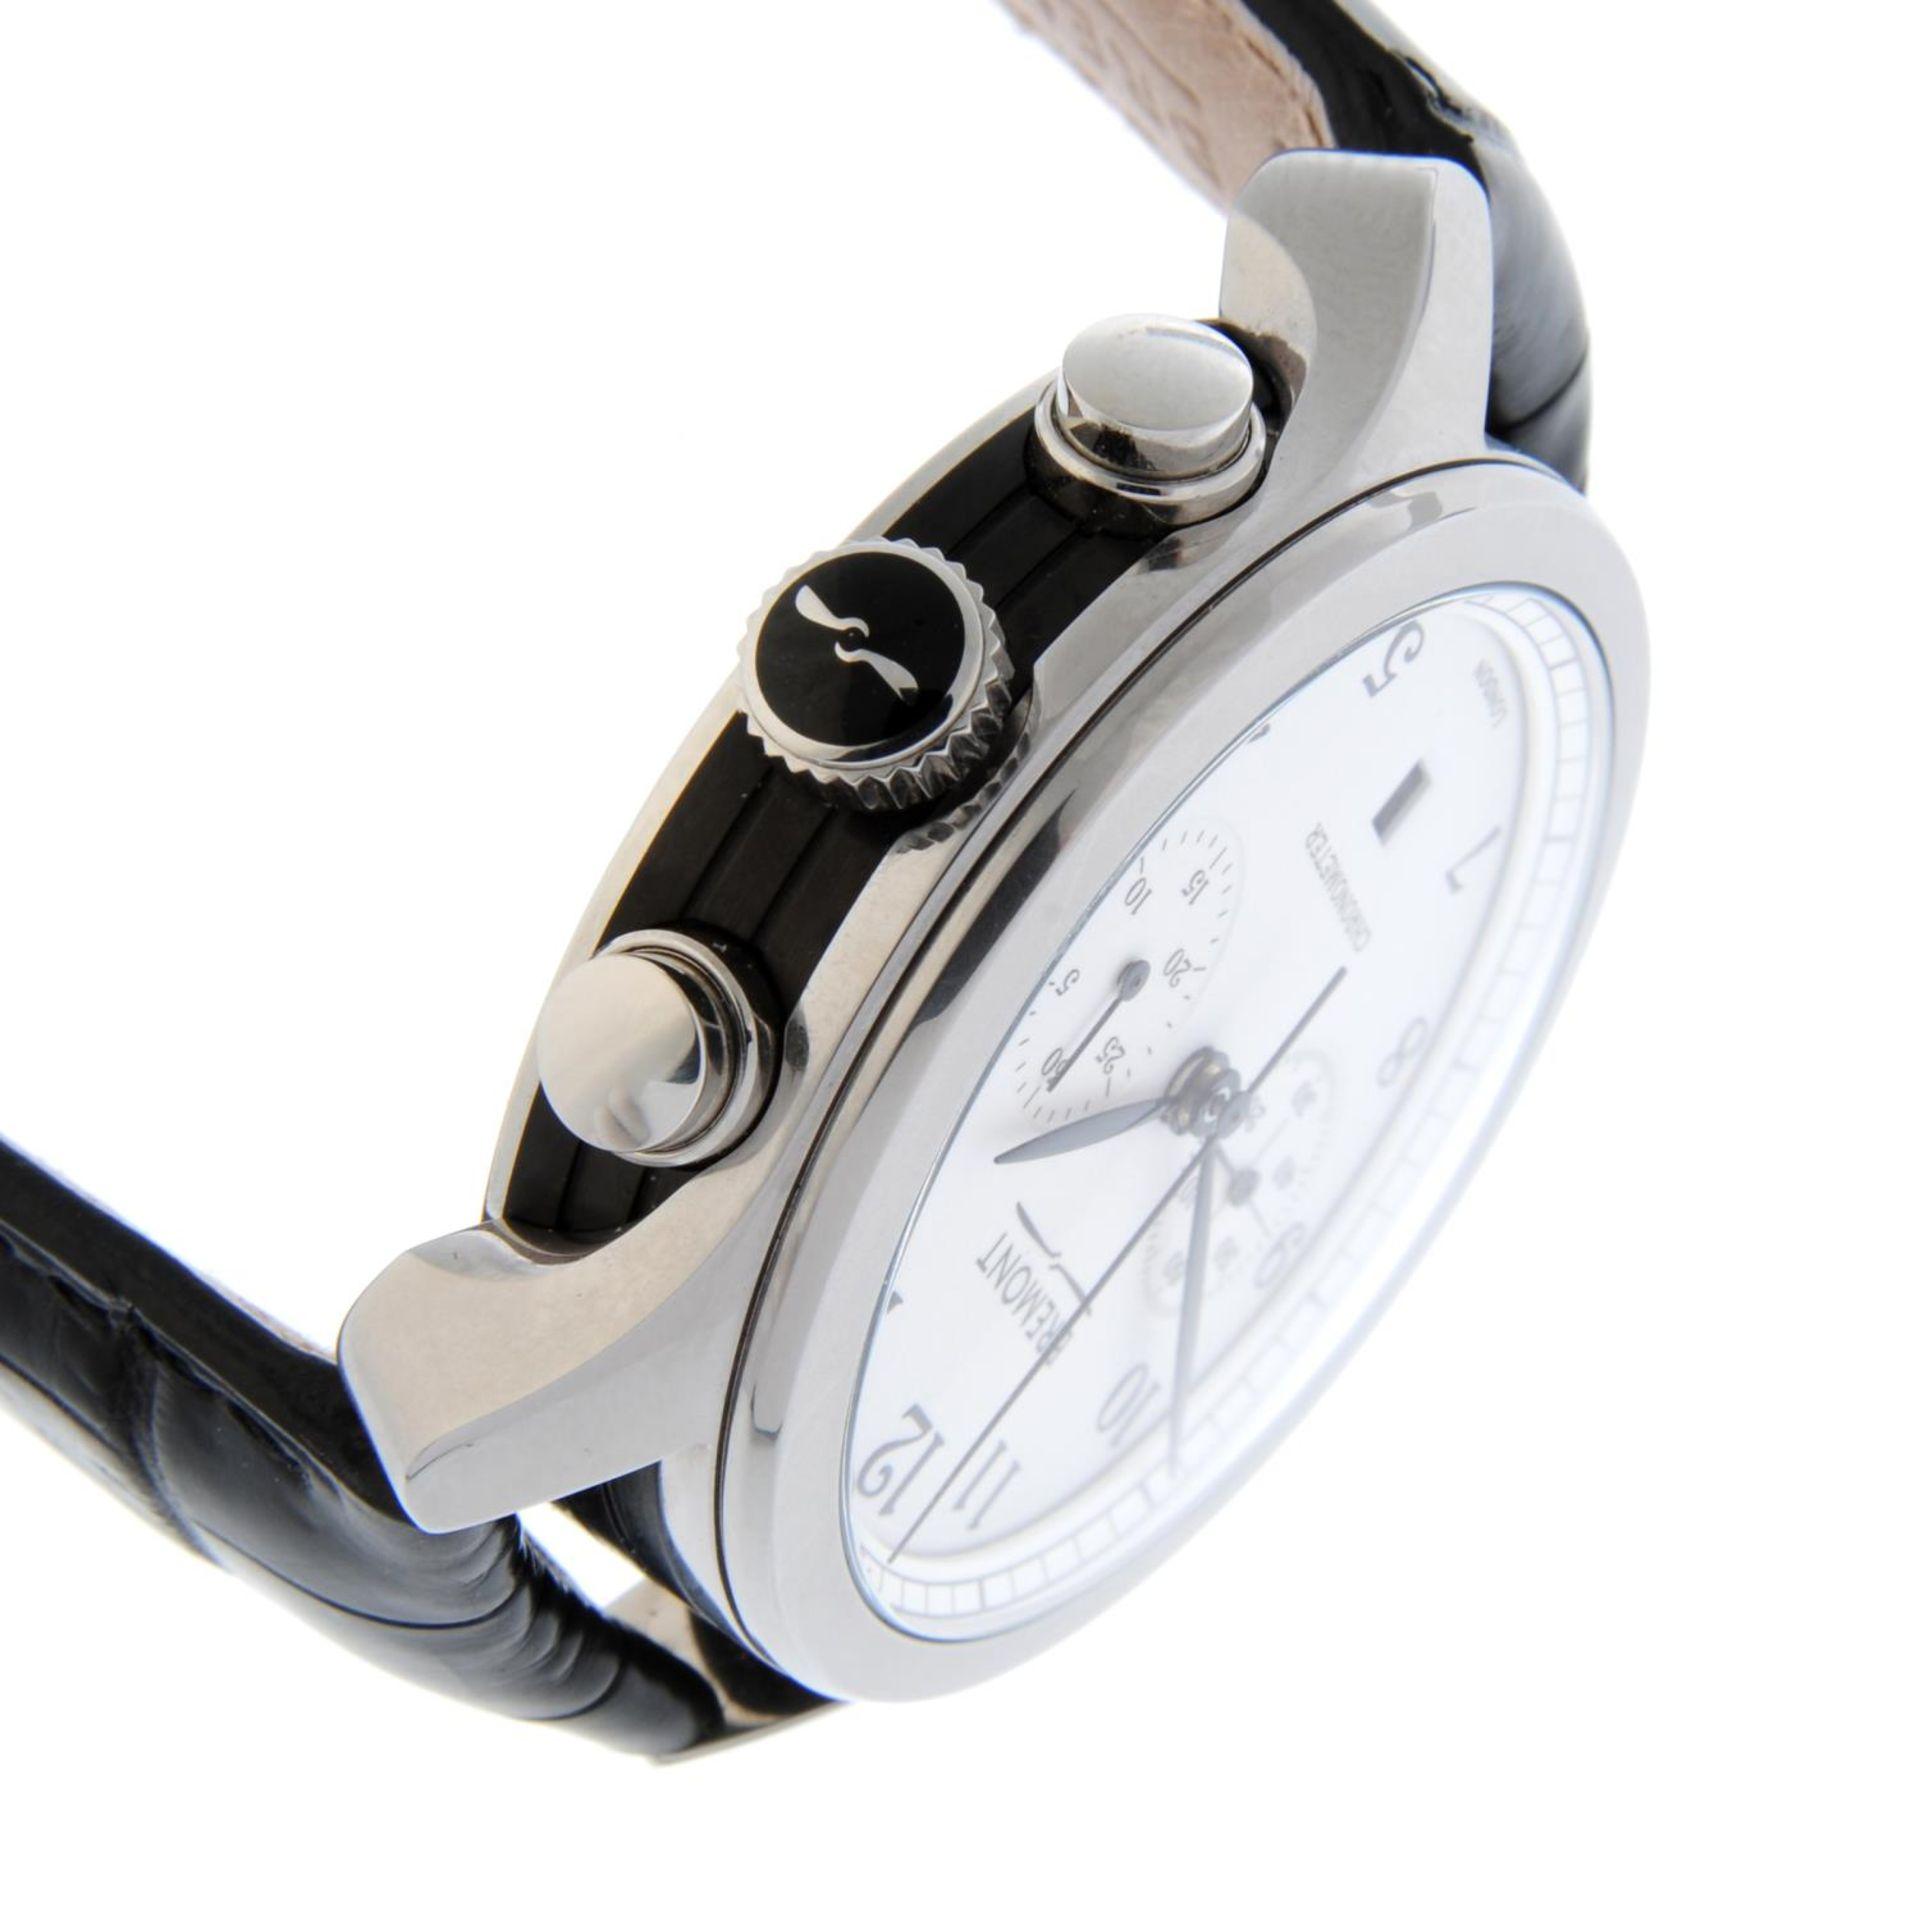 BREMONT - an ALT1-C wrist watch. - Bild 4 aus 5